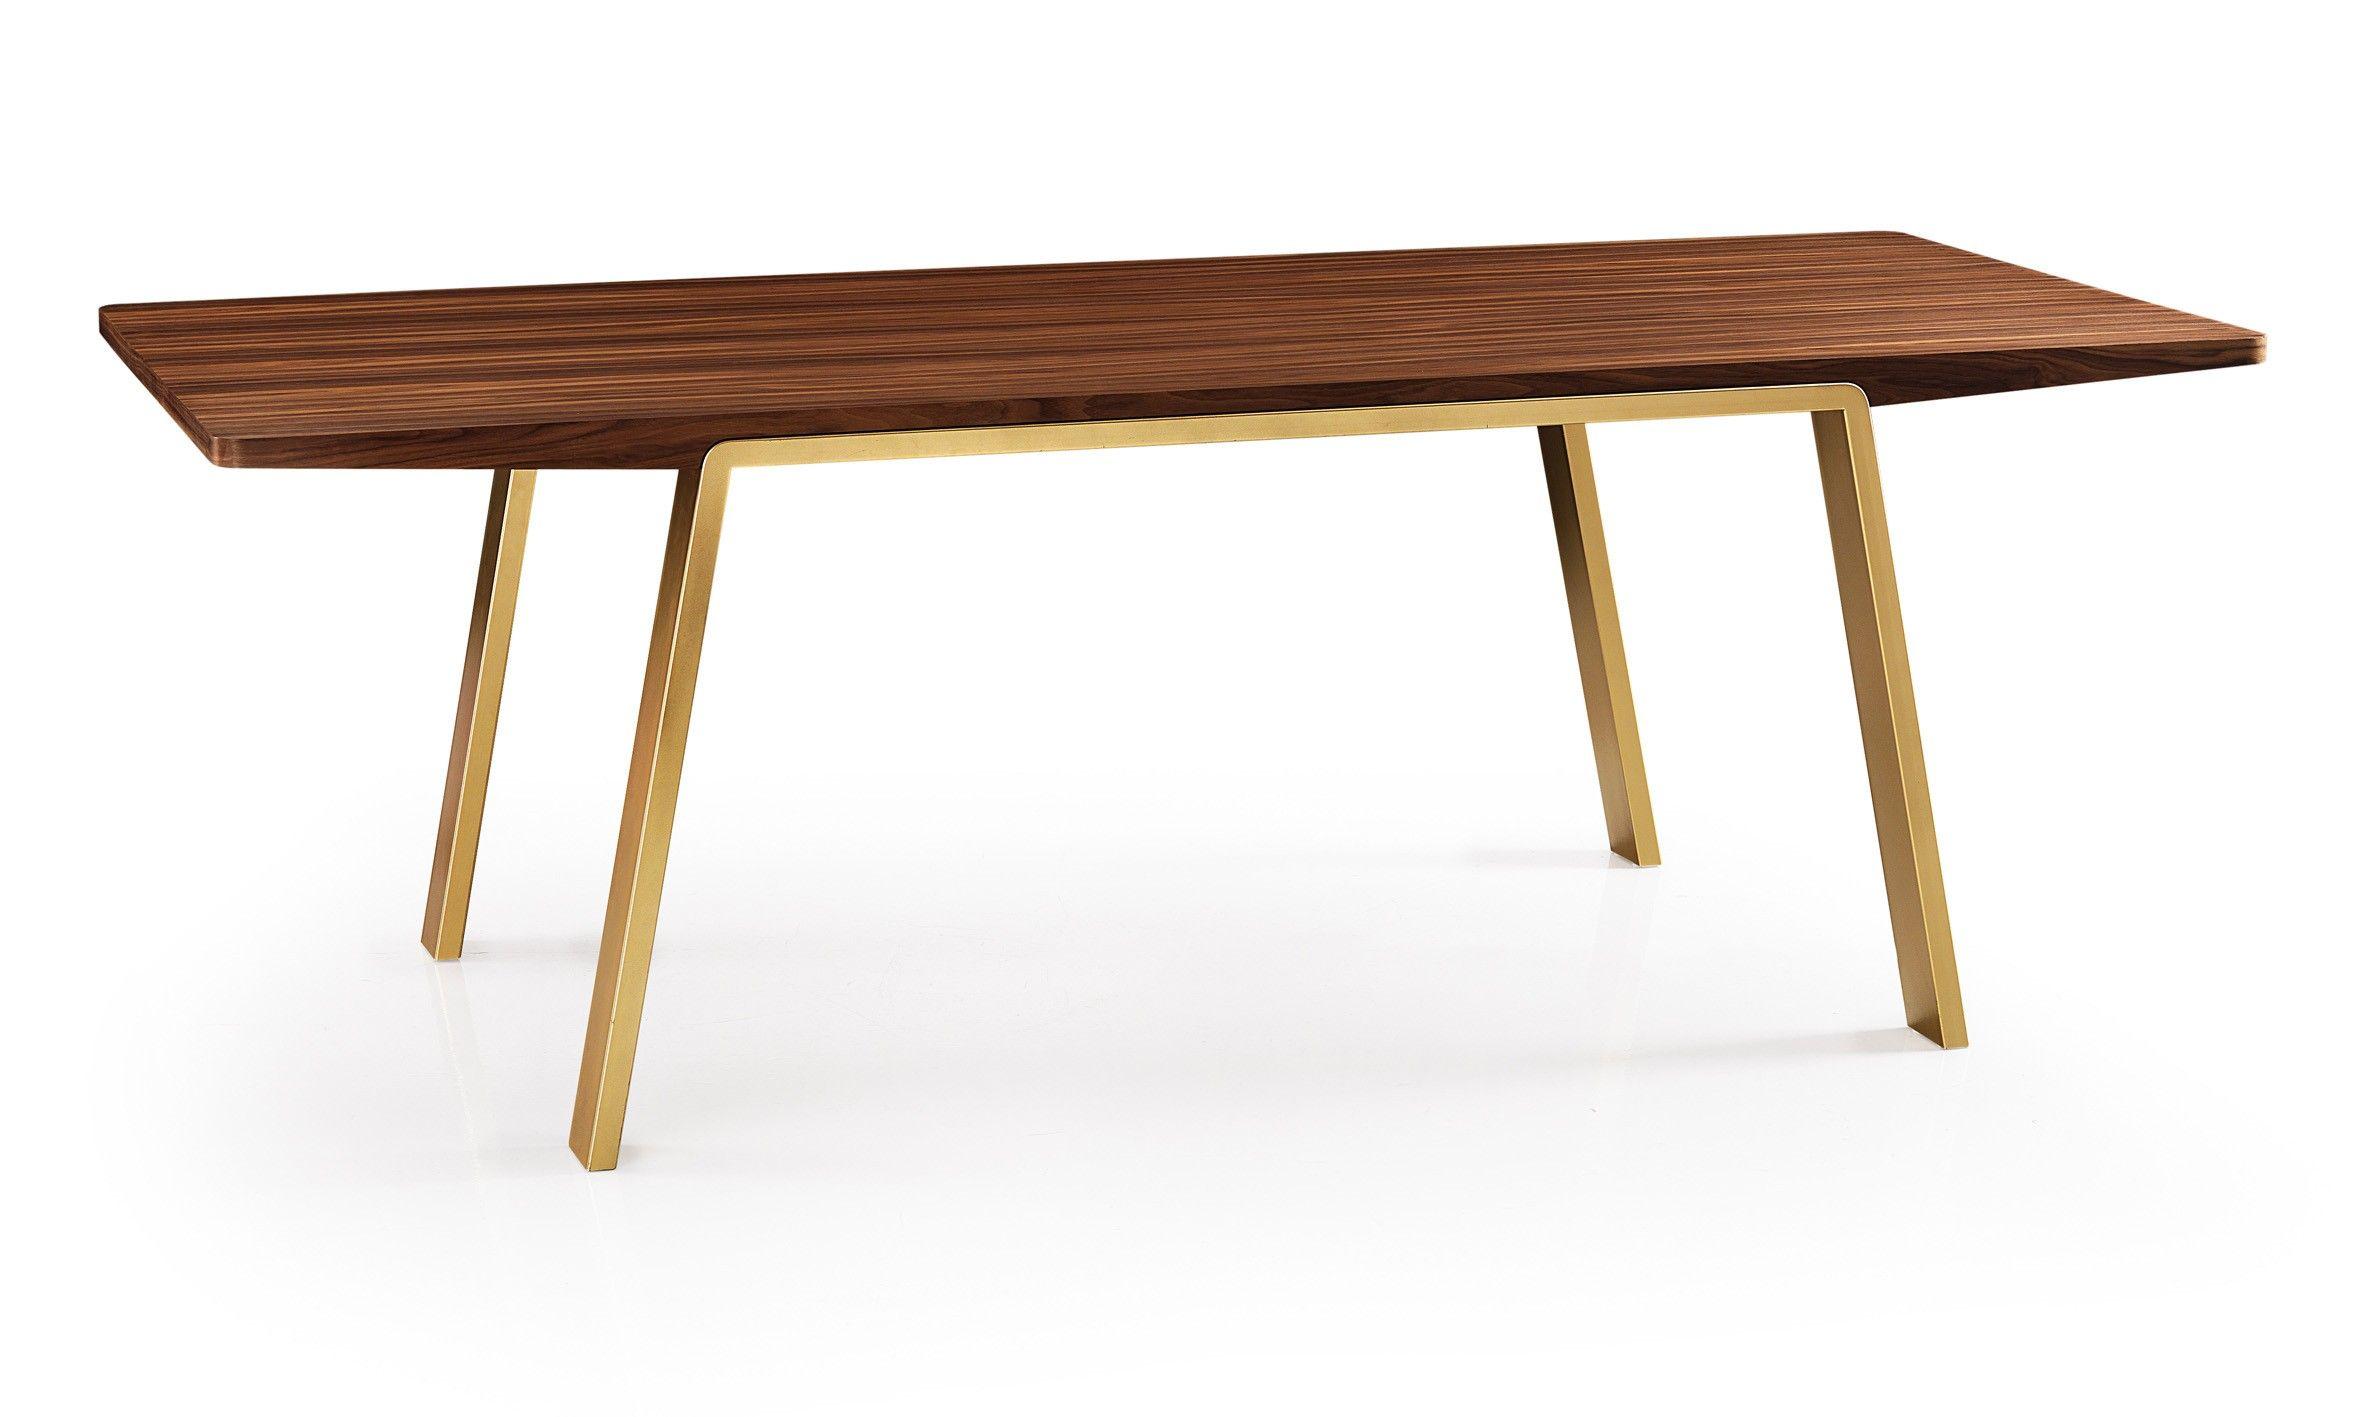 Jetzt Bei Desiganocom Arco Tisch Tische Esstische Von Oliver B Ab